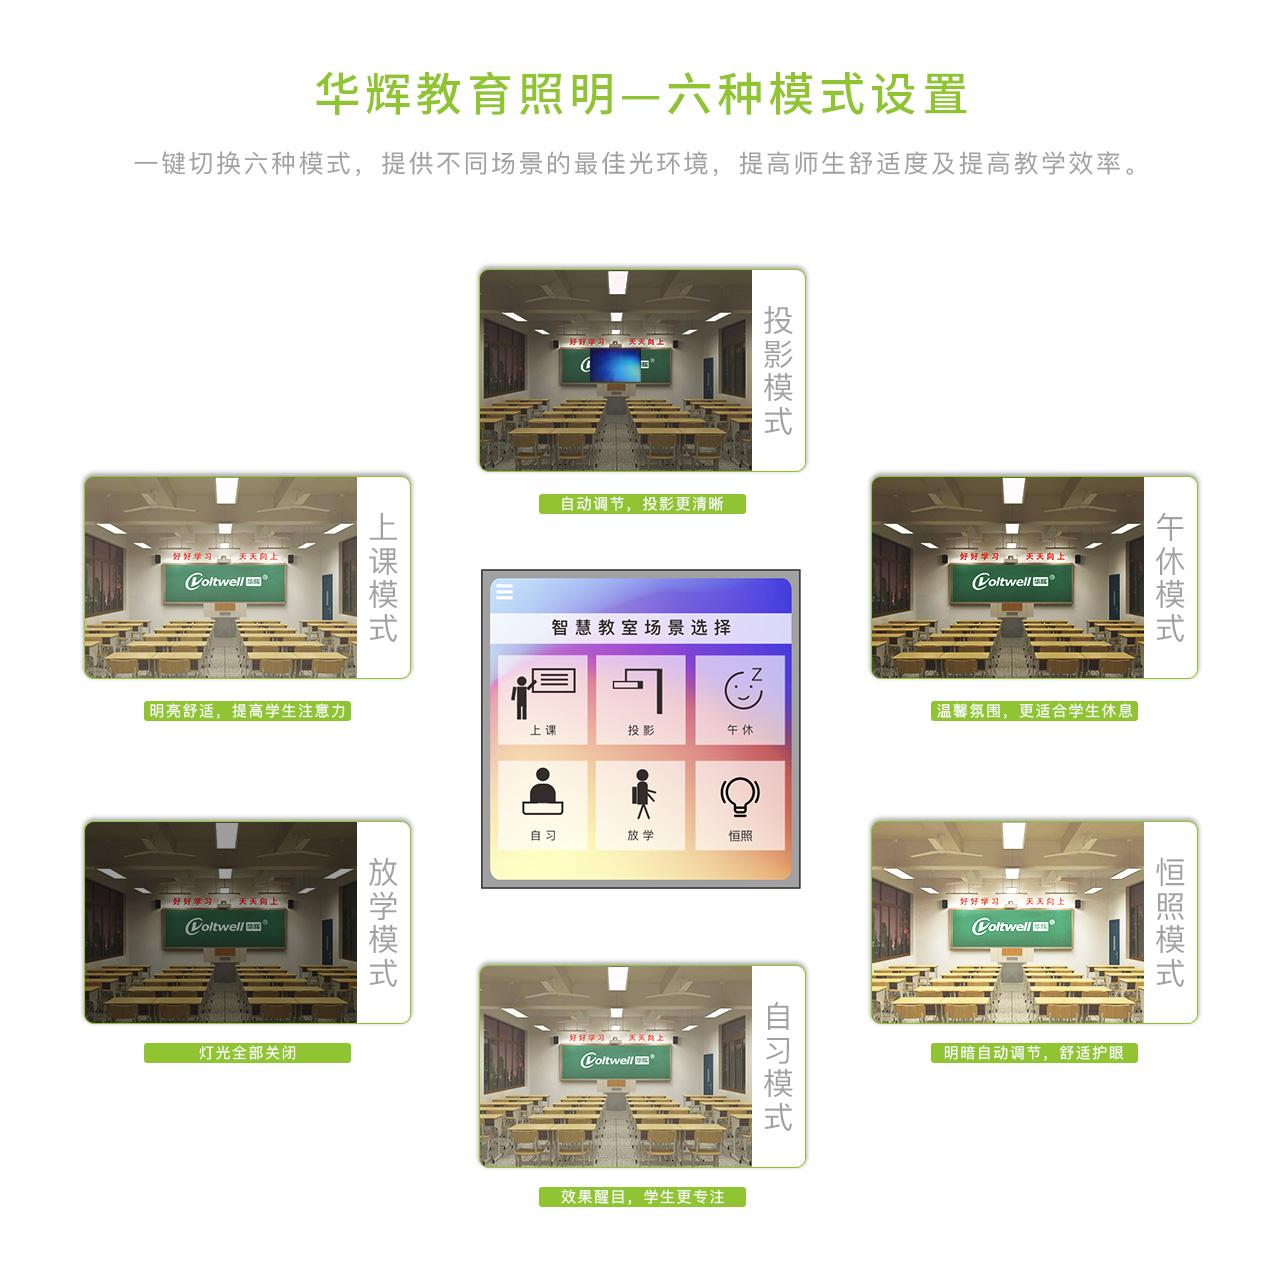 4 华辉教育照明-六种模式设置.jpg